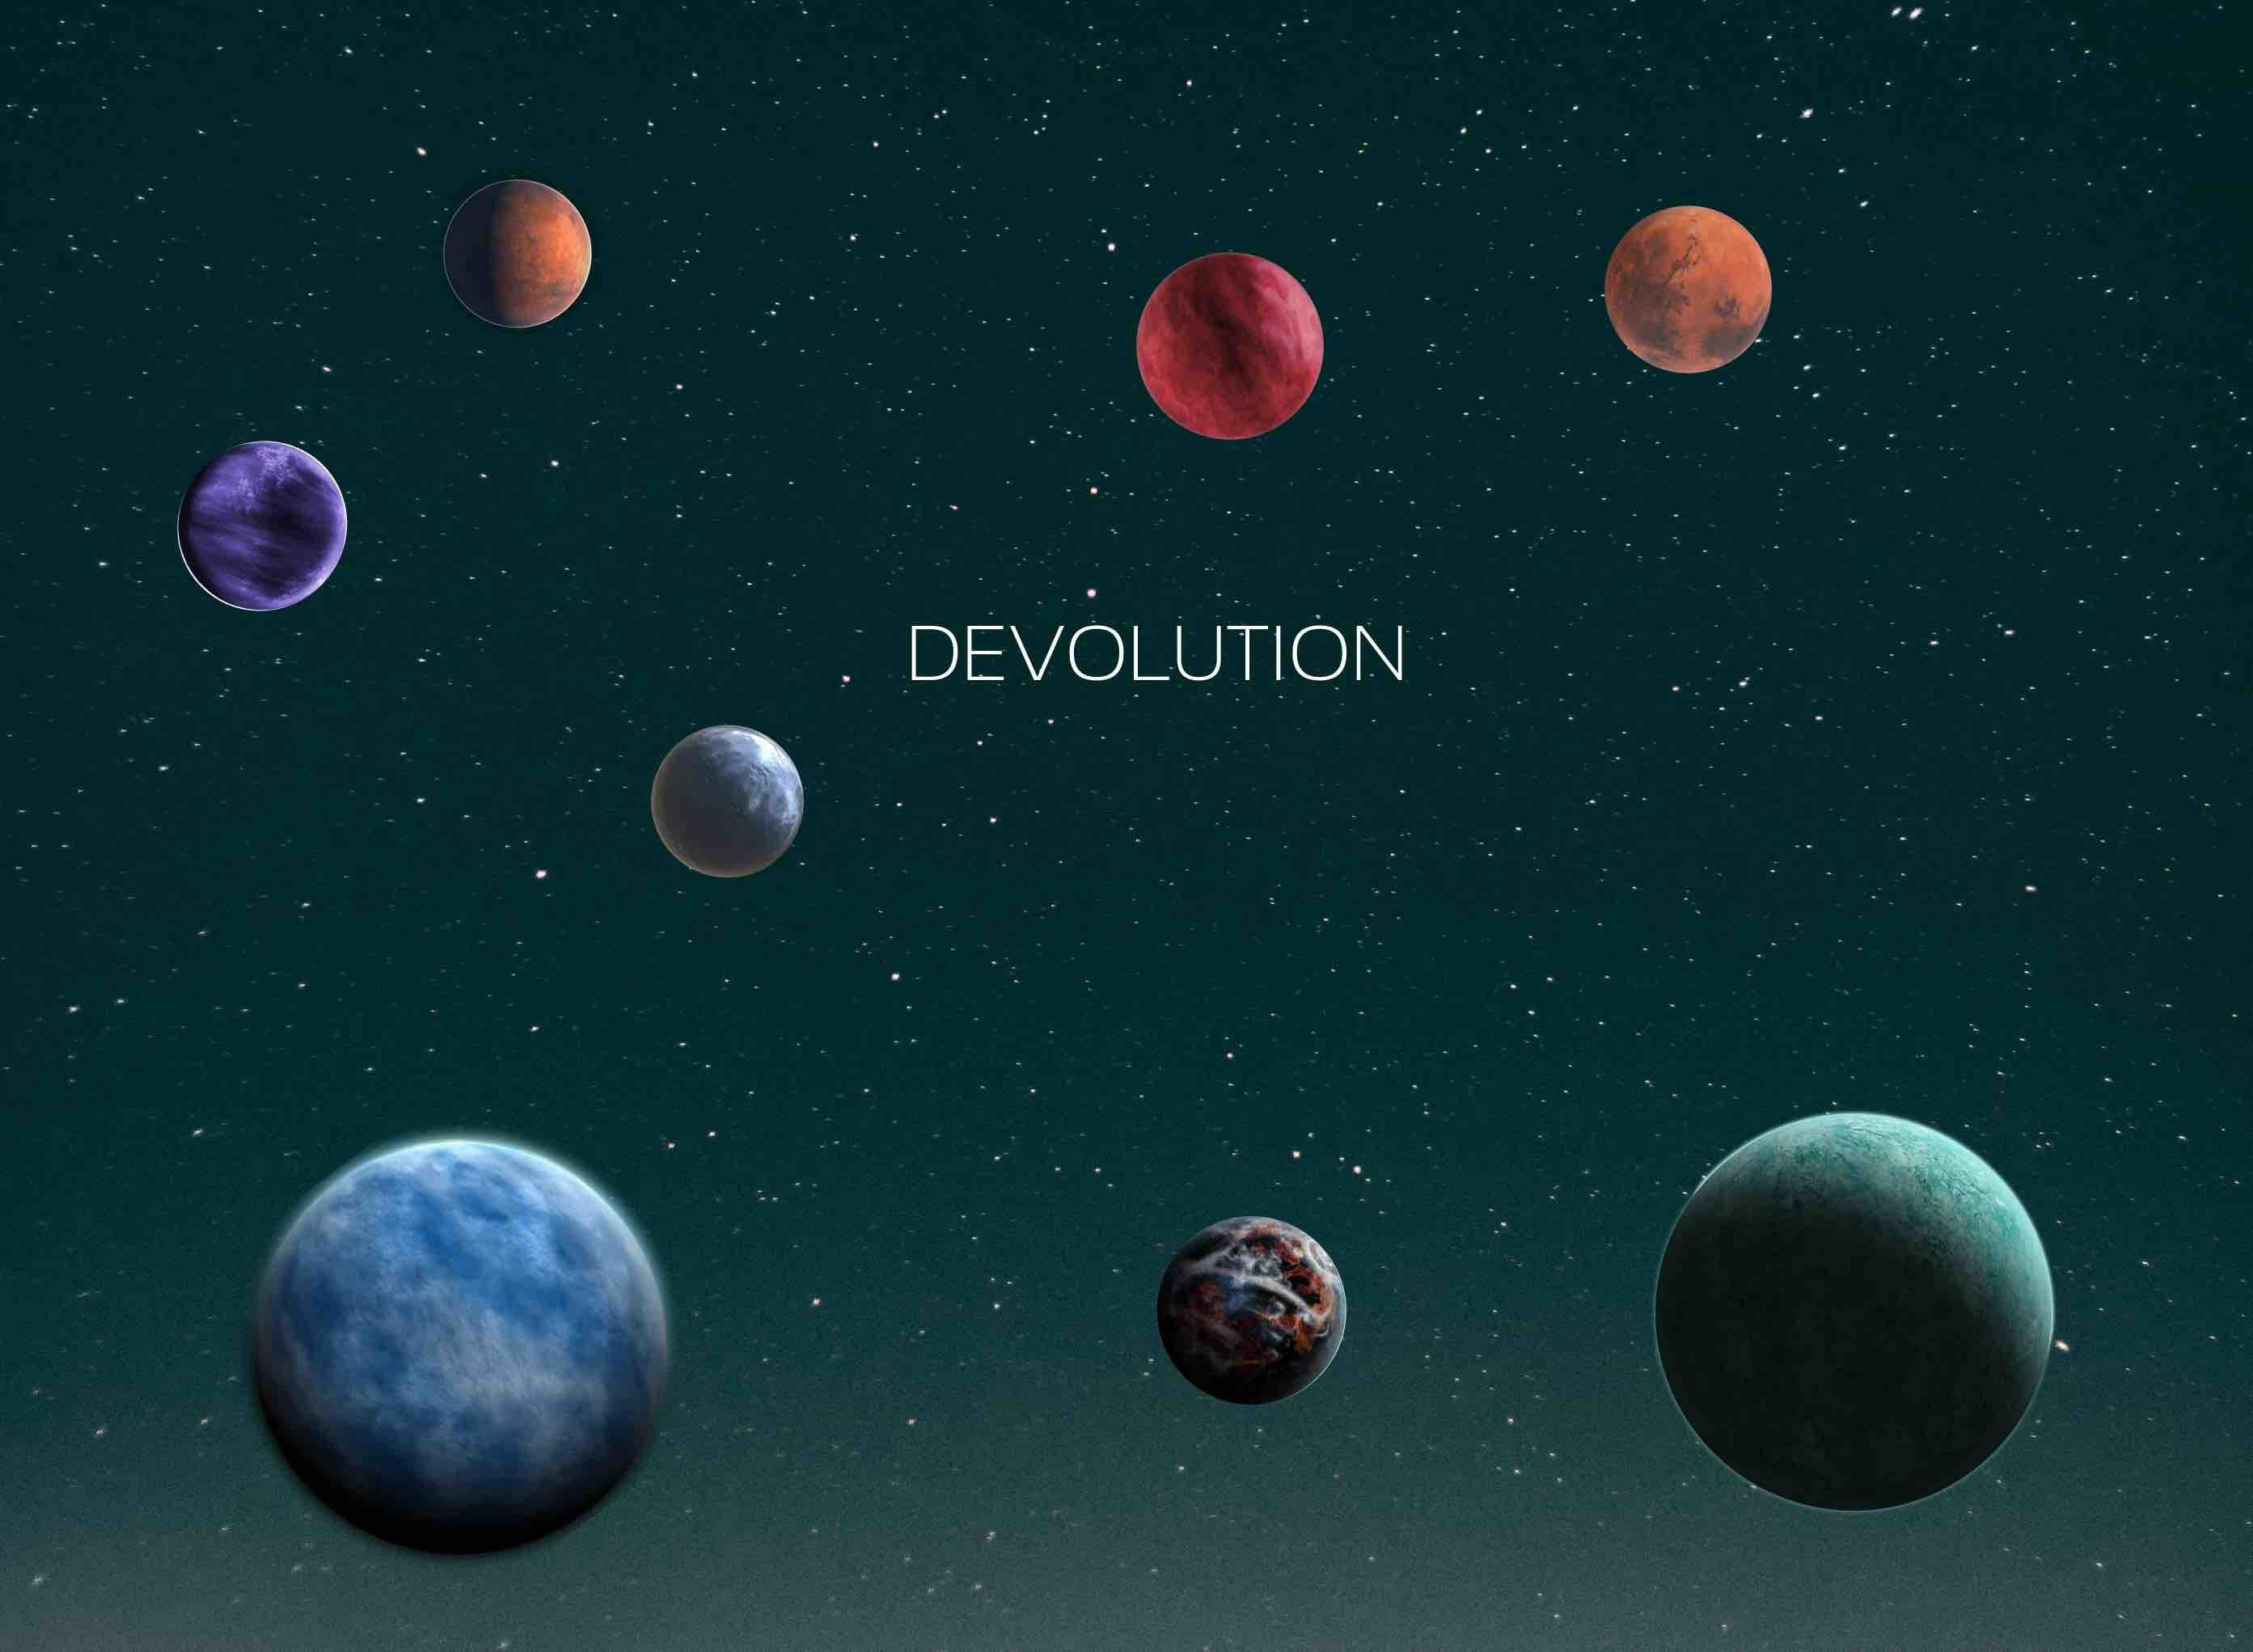 Devolution showcase